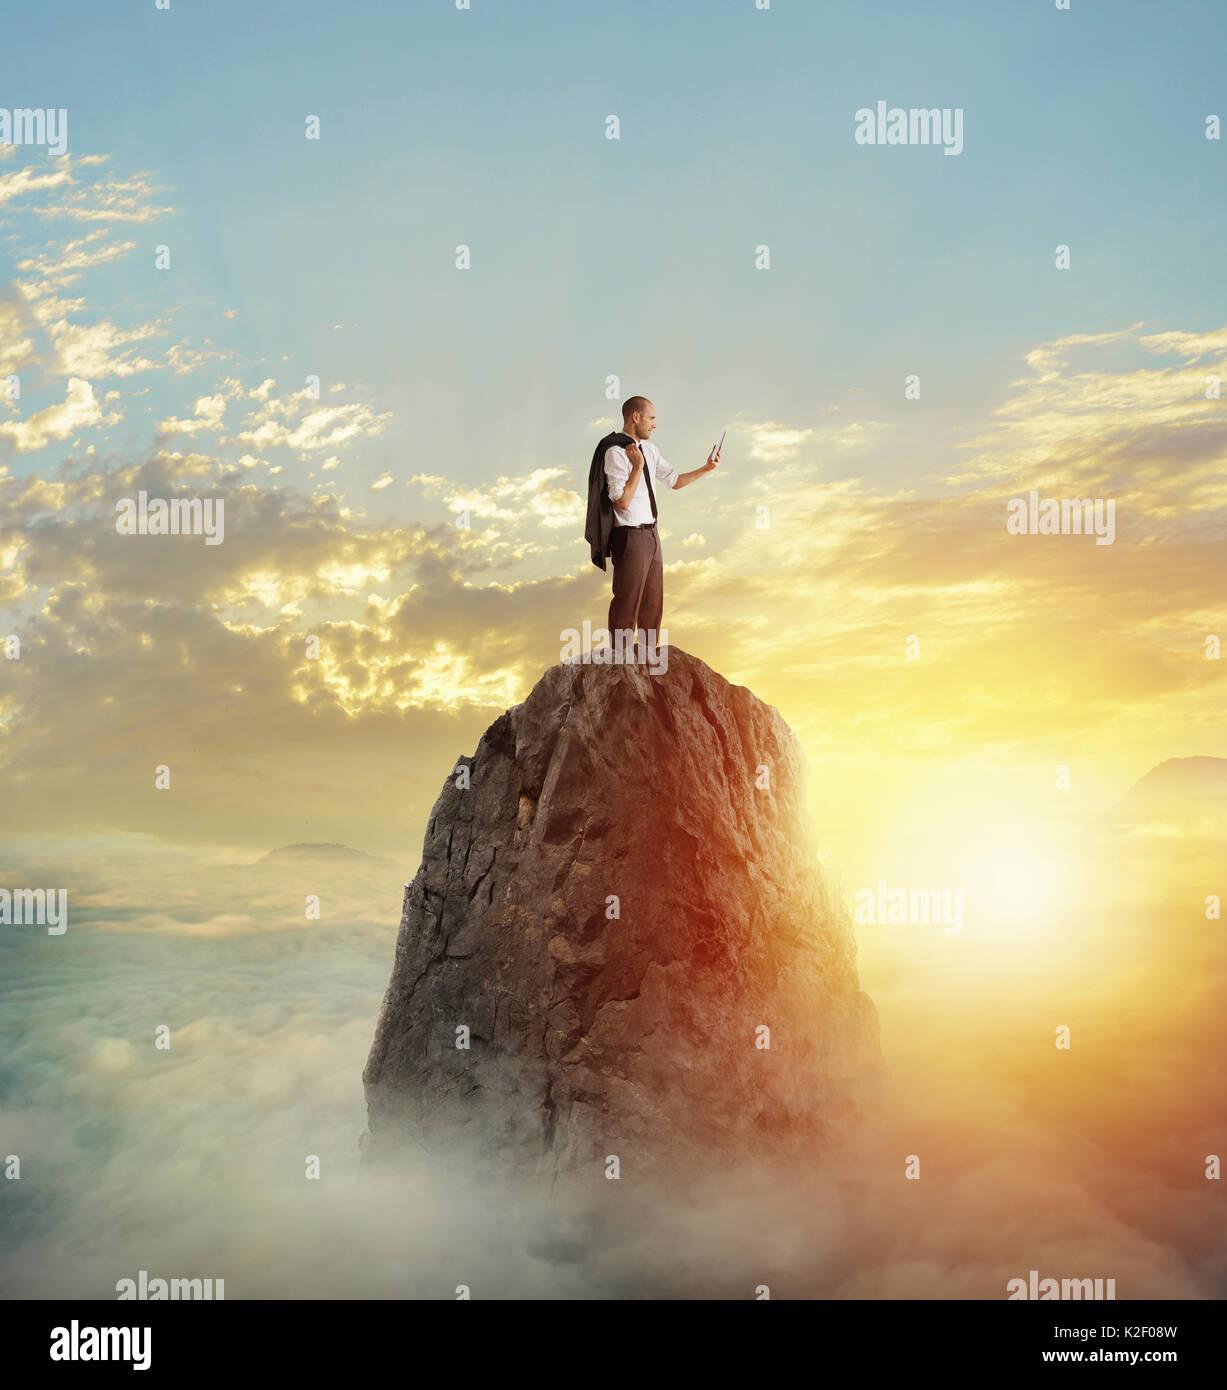 El empresario trabaja en Tablet PC con conexión a internet a través de una montaña Imagen De Stock